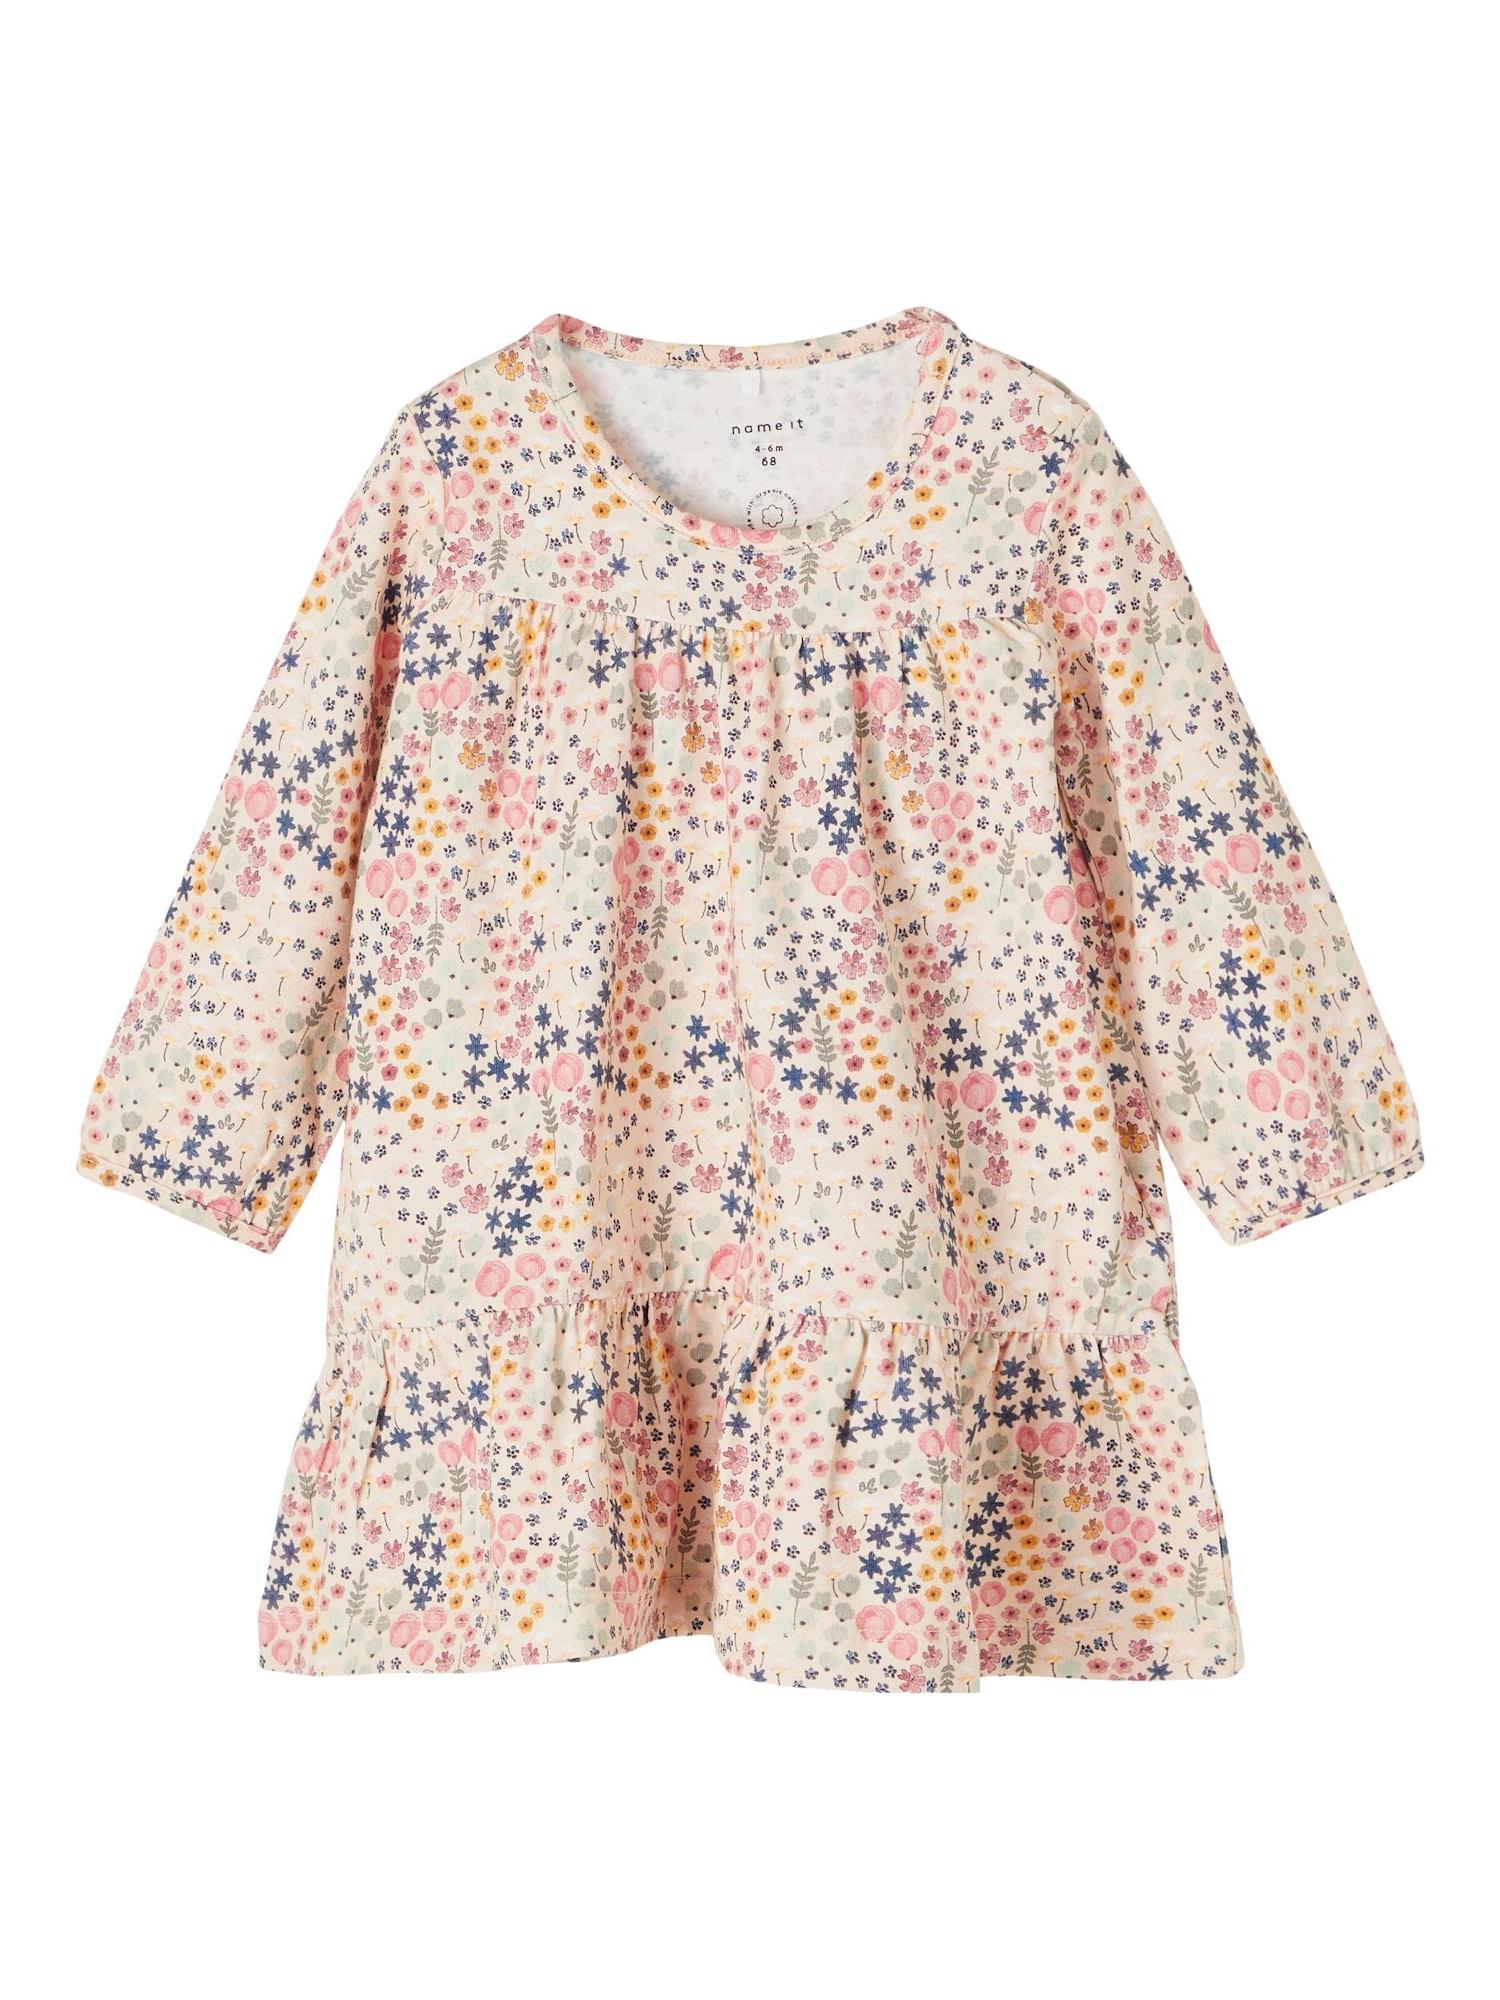 NAME IT Suknelė 'Beata' pastelinė rožinė / purpurinė / rožinė / aukso geltonumo spalva / alyvuogių spalva